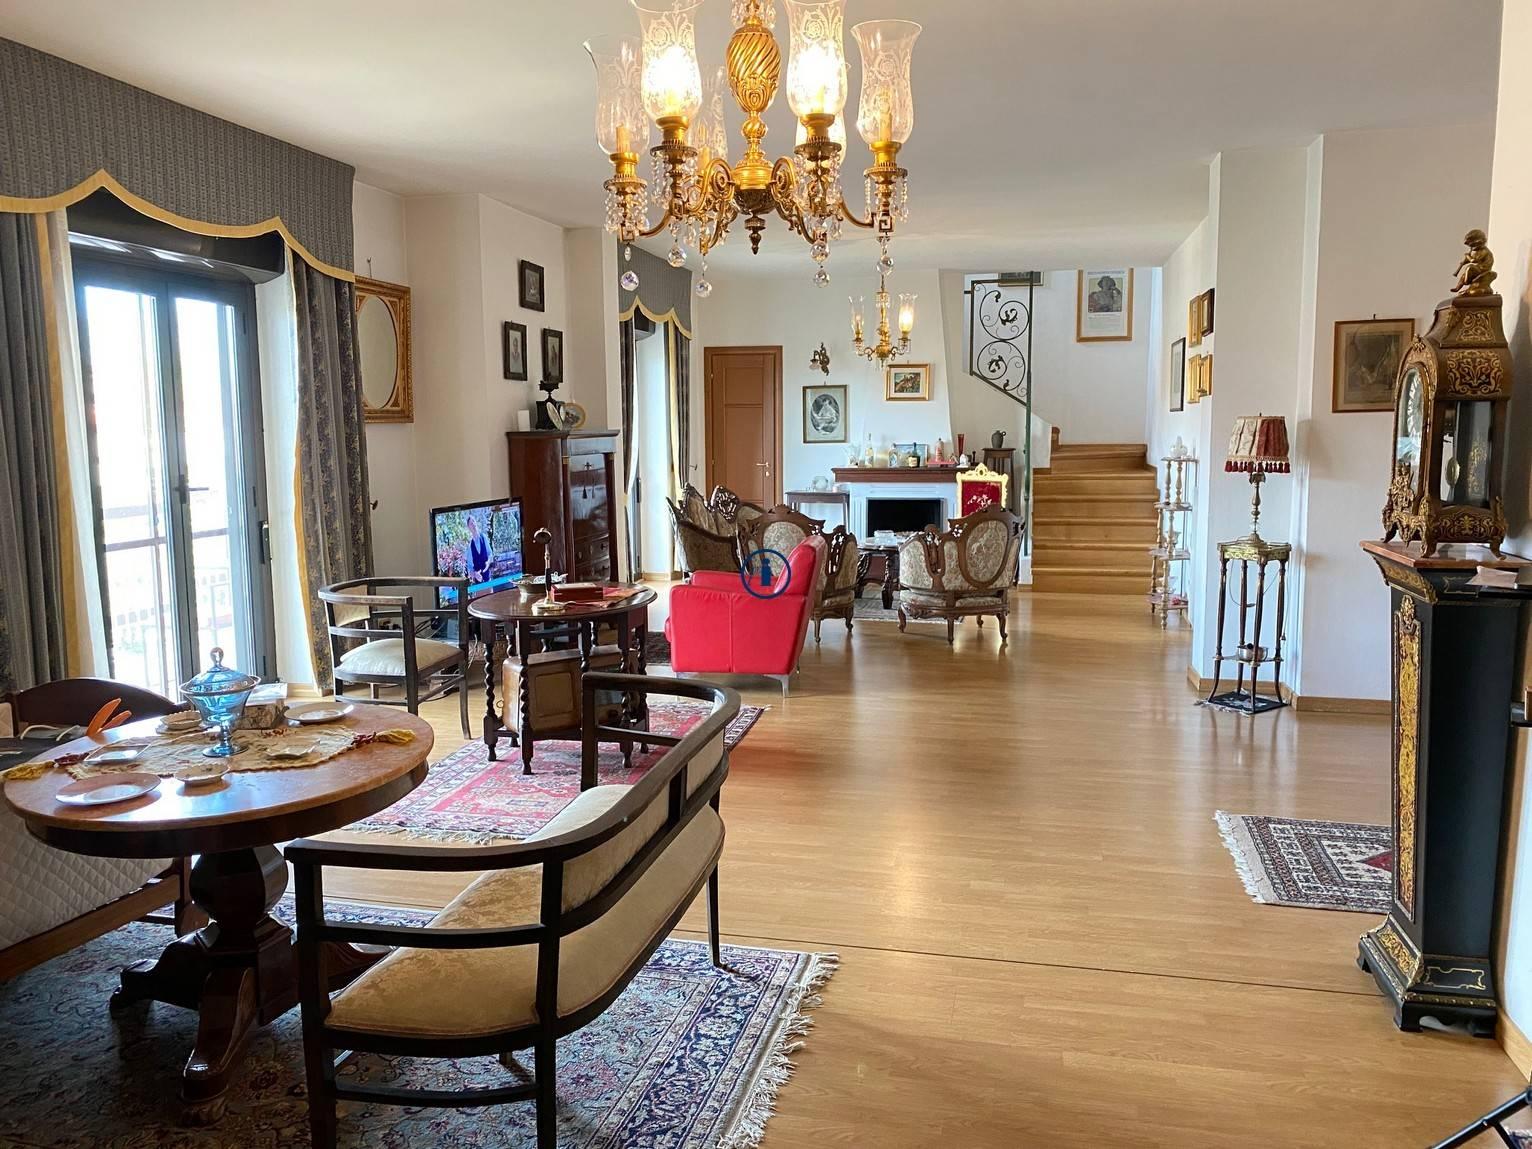 Appartamento in vendita a Caserta, 7 locali, zona Località: Lincoln, prezzo € 330.000 | PortaleAgenzieImmobiliari.it